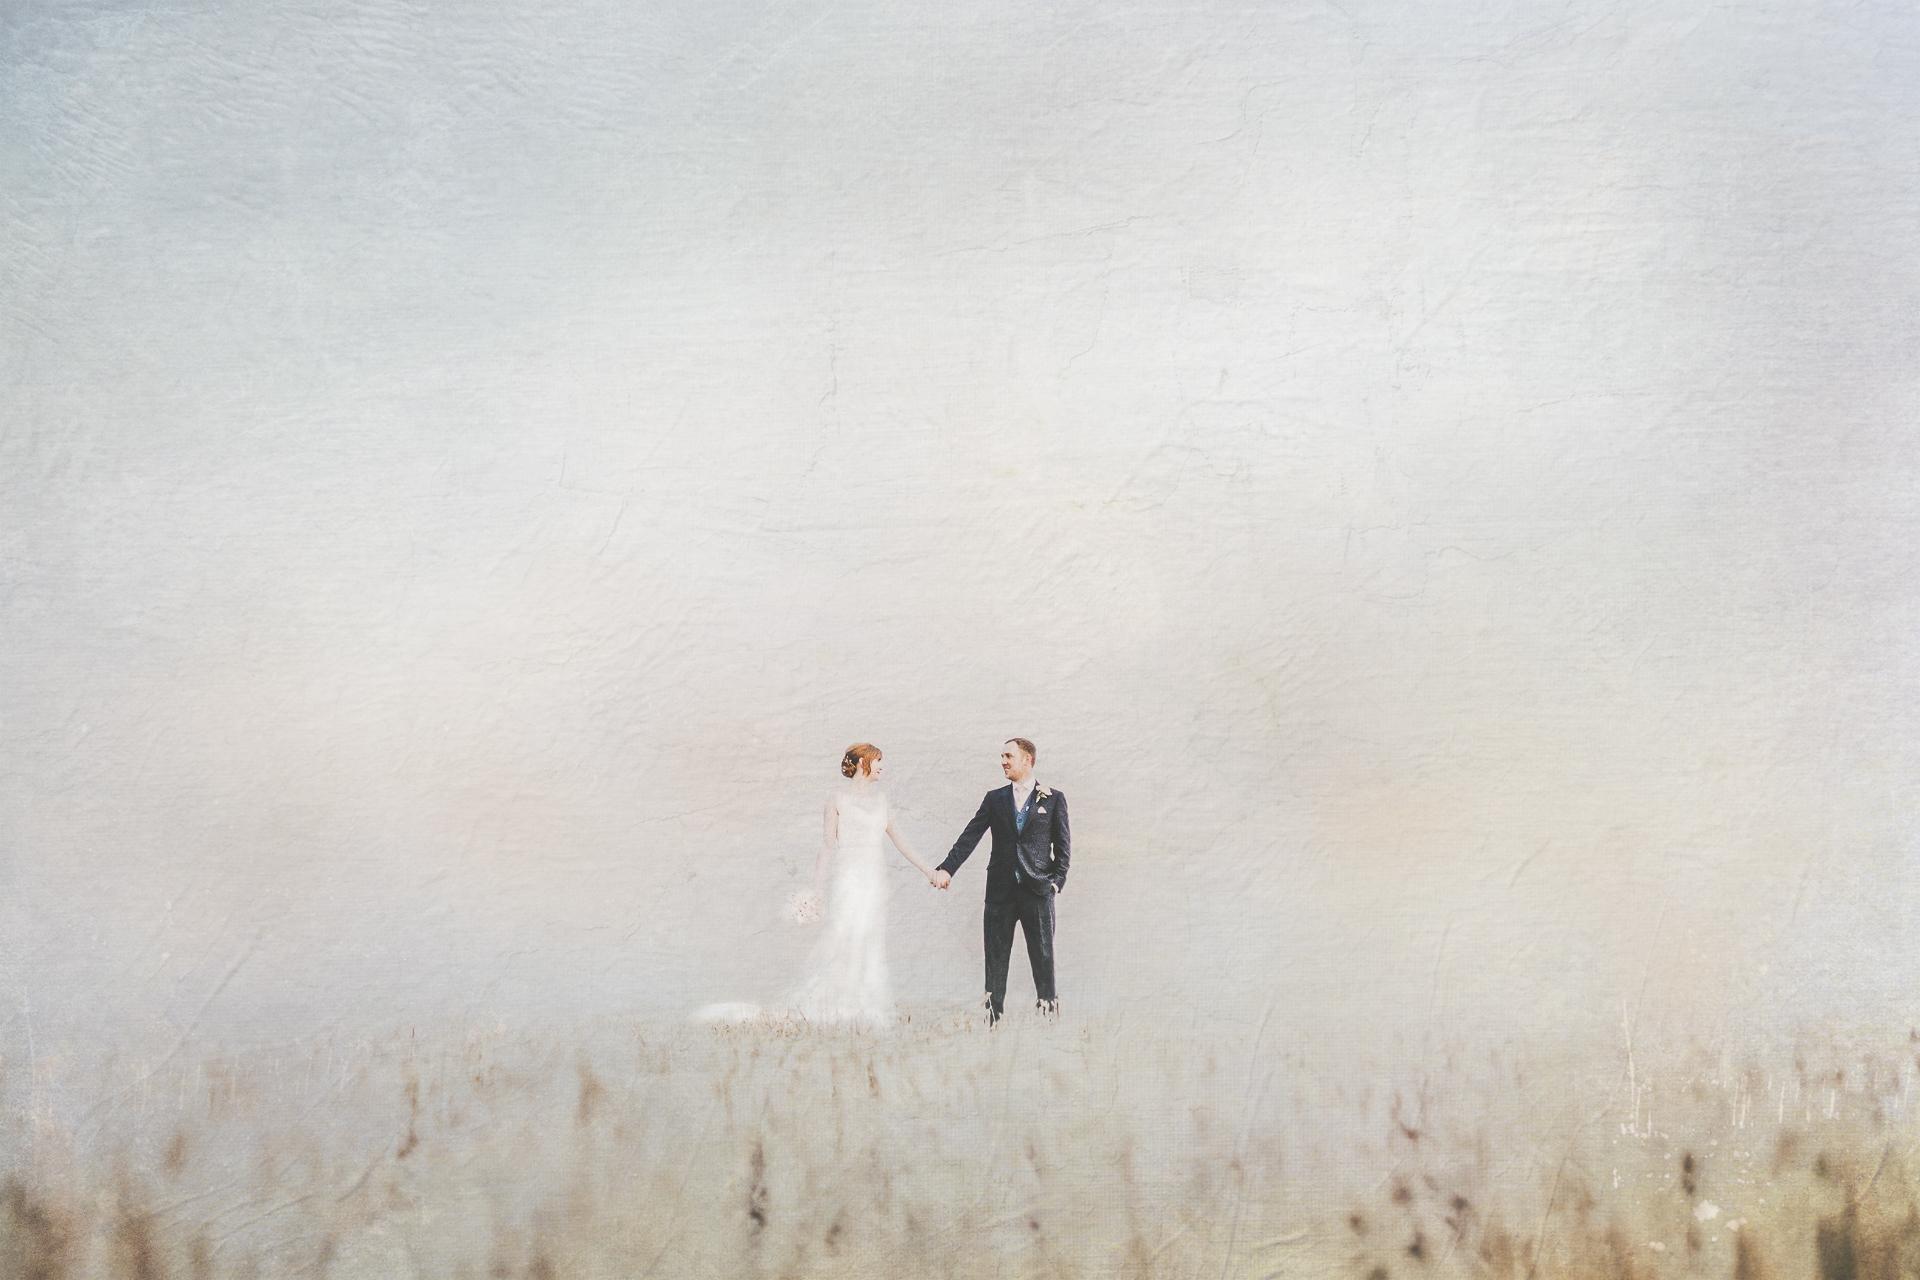 Nick Freeman Wedding Photography Northampton